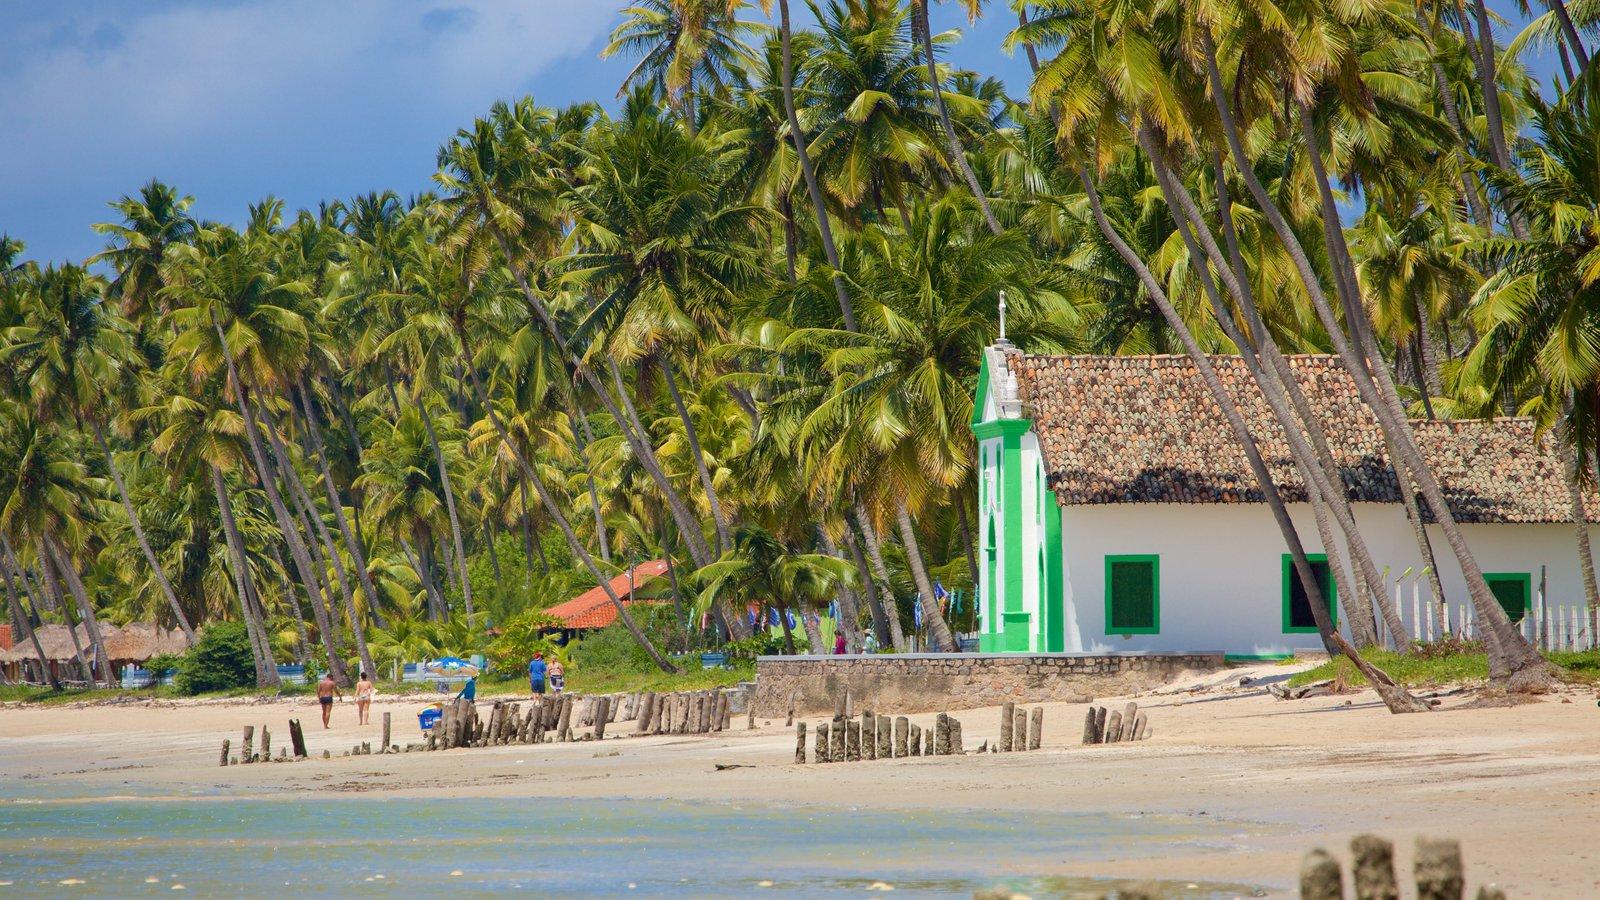 Tamandaré mostrando uma igreja ou catedral, paisagens litorâneas e uma praia